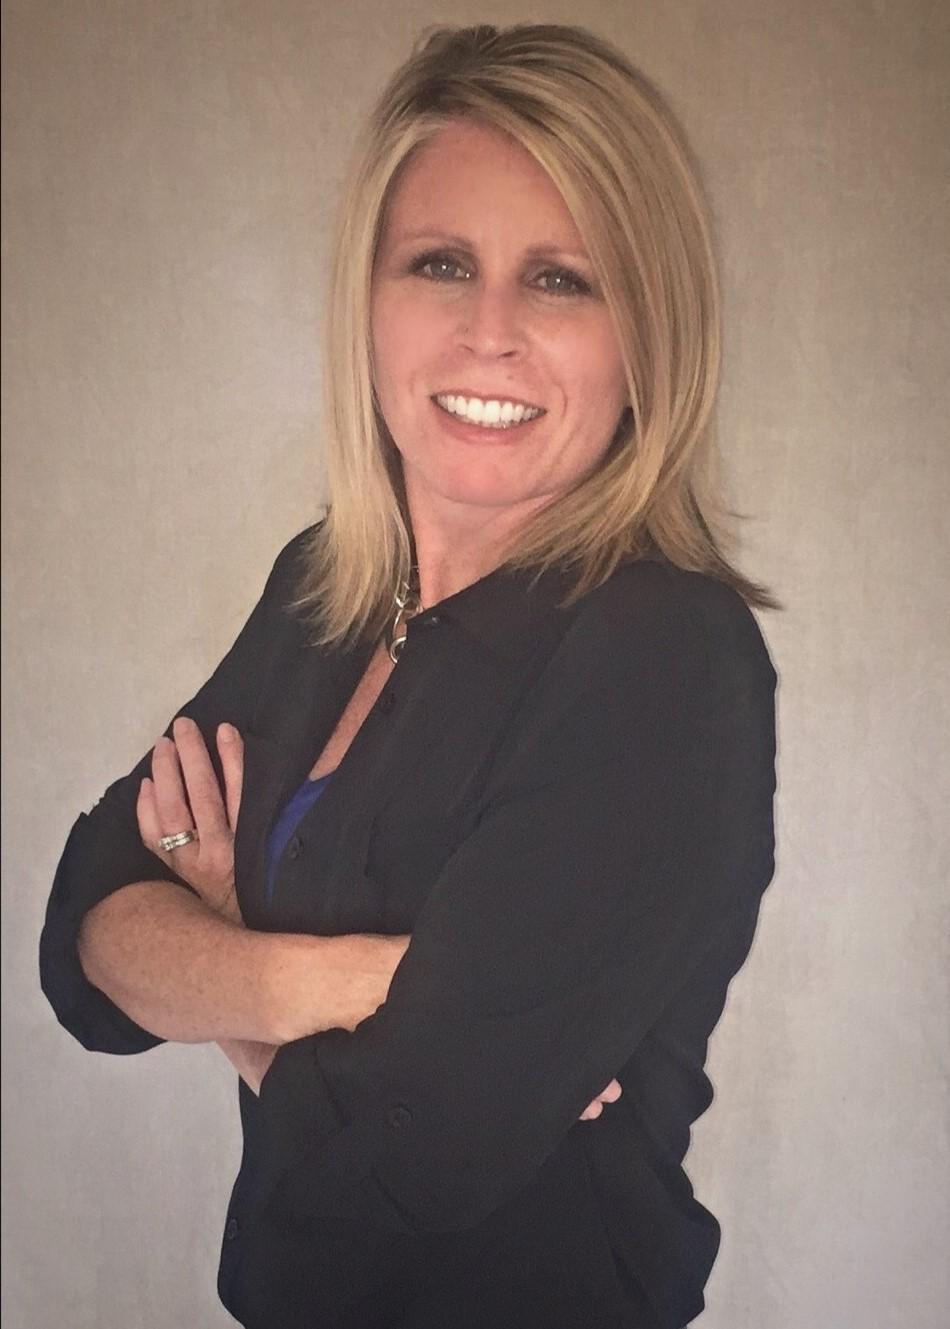 Photo of Brandi